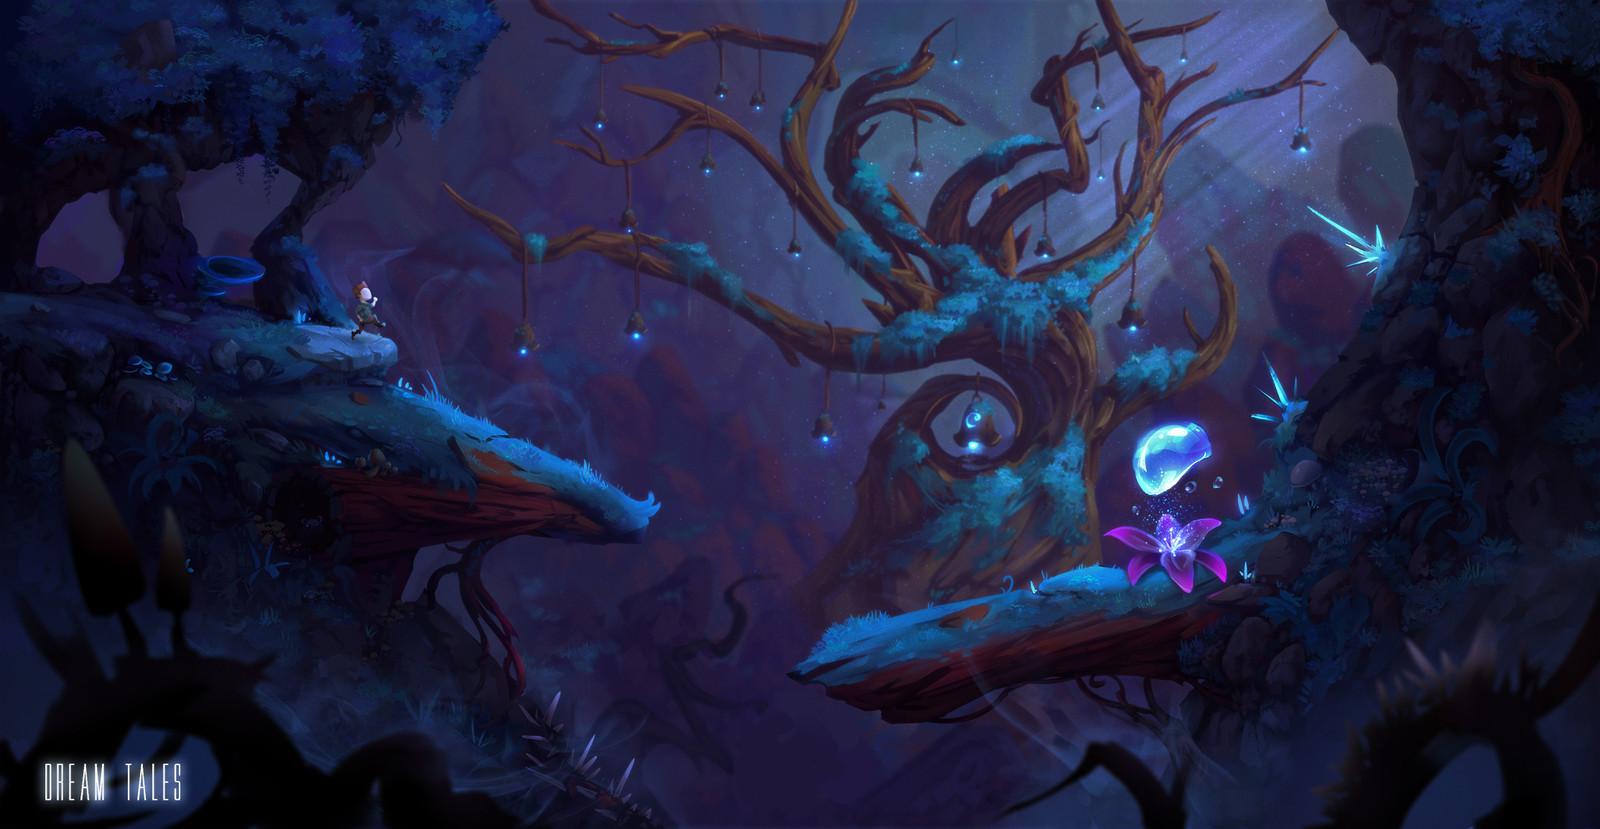 Dream Tales - Bell Tree